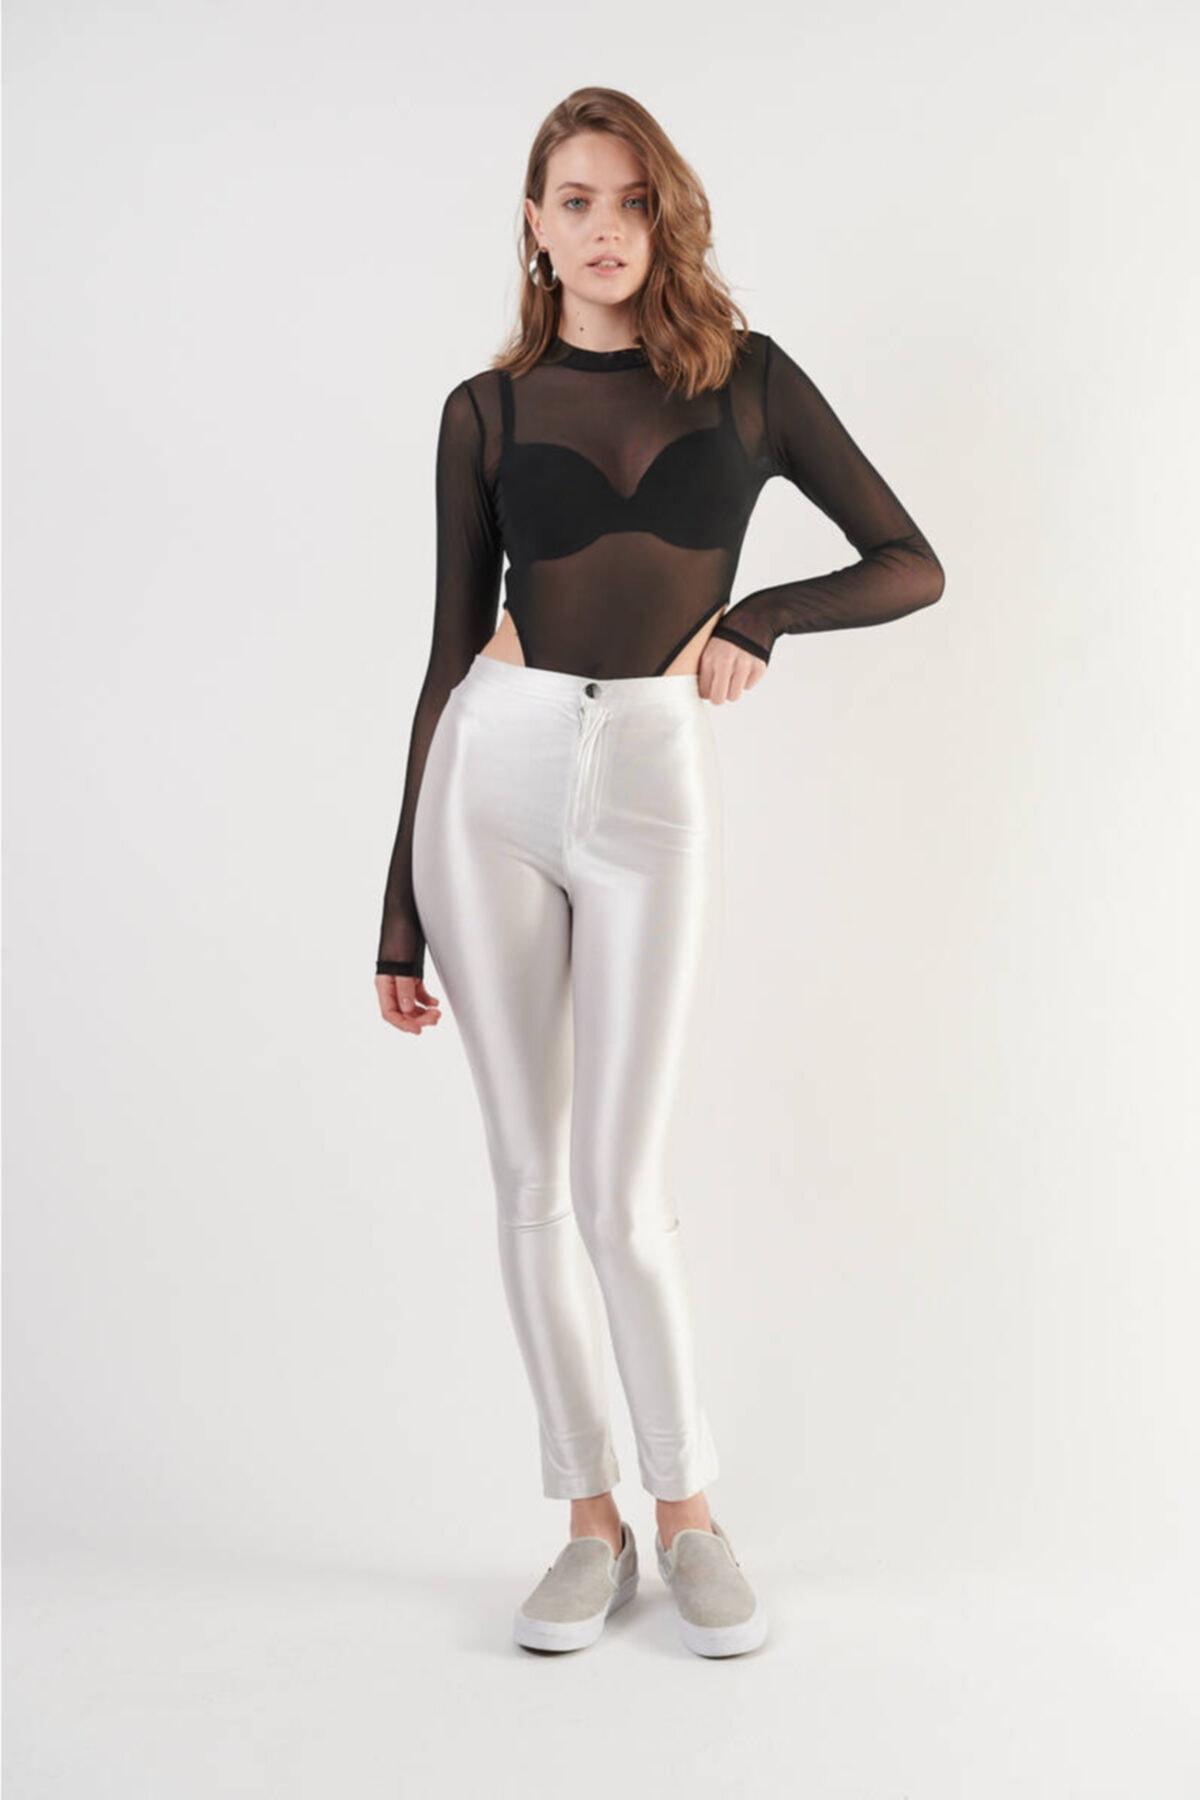 Siyah Uzun Kollu Transparan Alttan Çıtçıtlı Tül Bodysuit (ZCK0279)